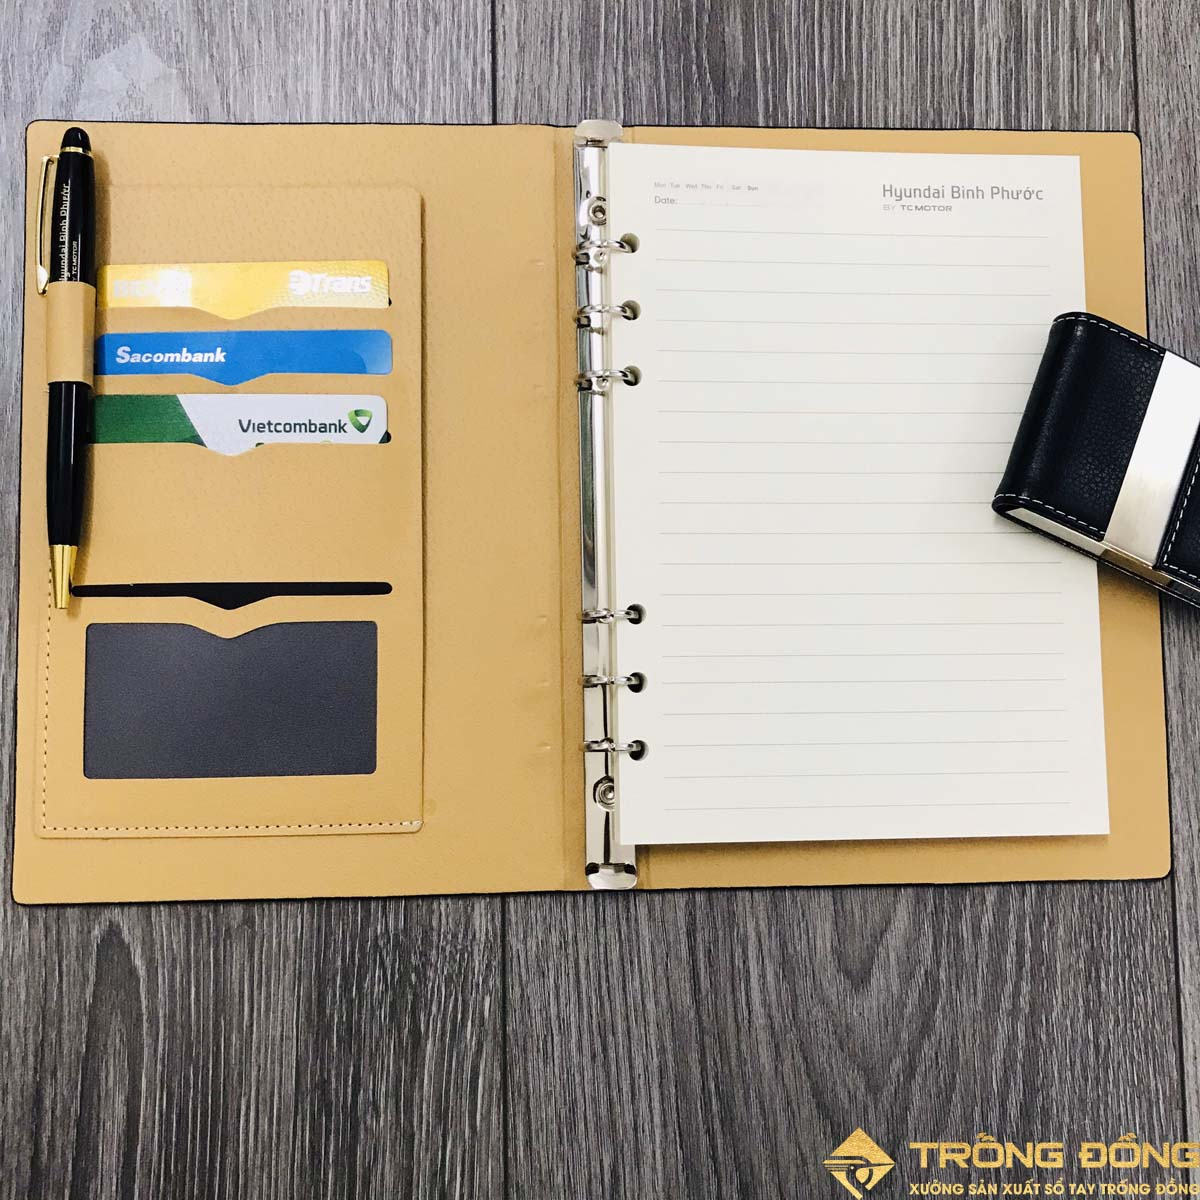 Bên trong sổ có các ngăn đựng card và bút viết